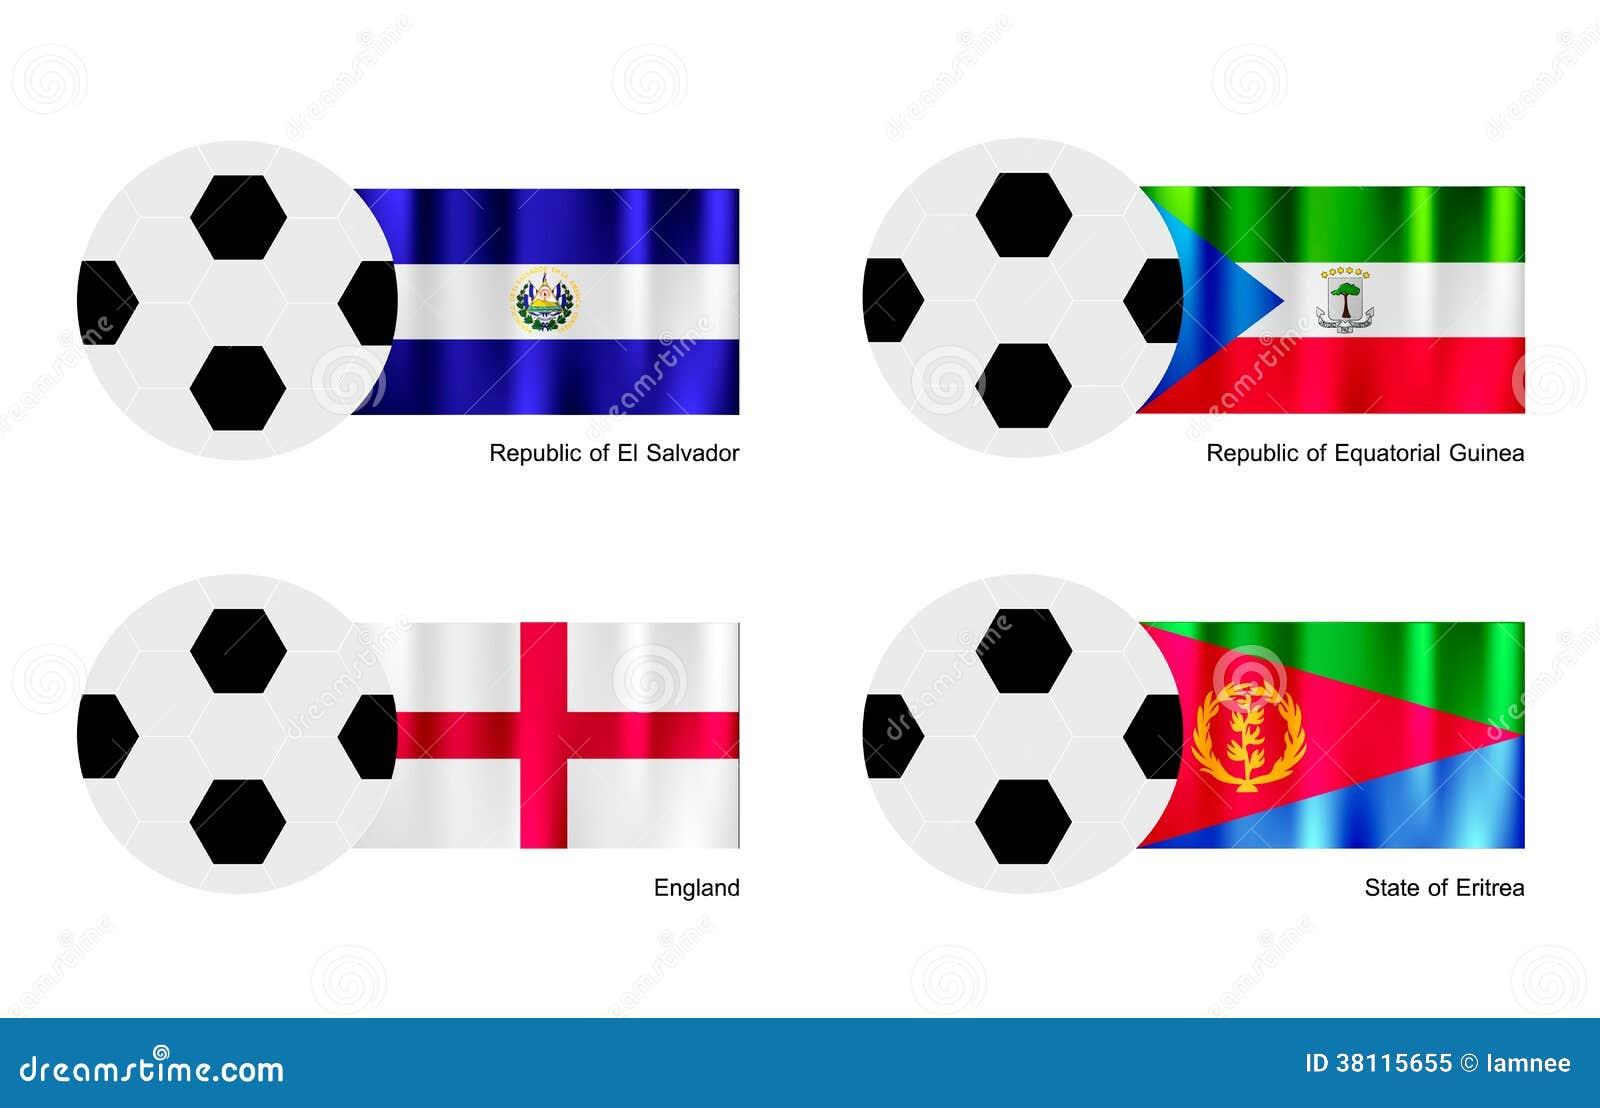 Fútbol con la bandera de El Salvador, de la Guinea Ecuatorial, de Inglaterra y de Eritrea